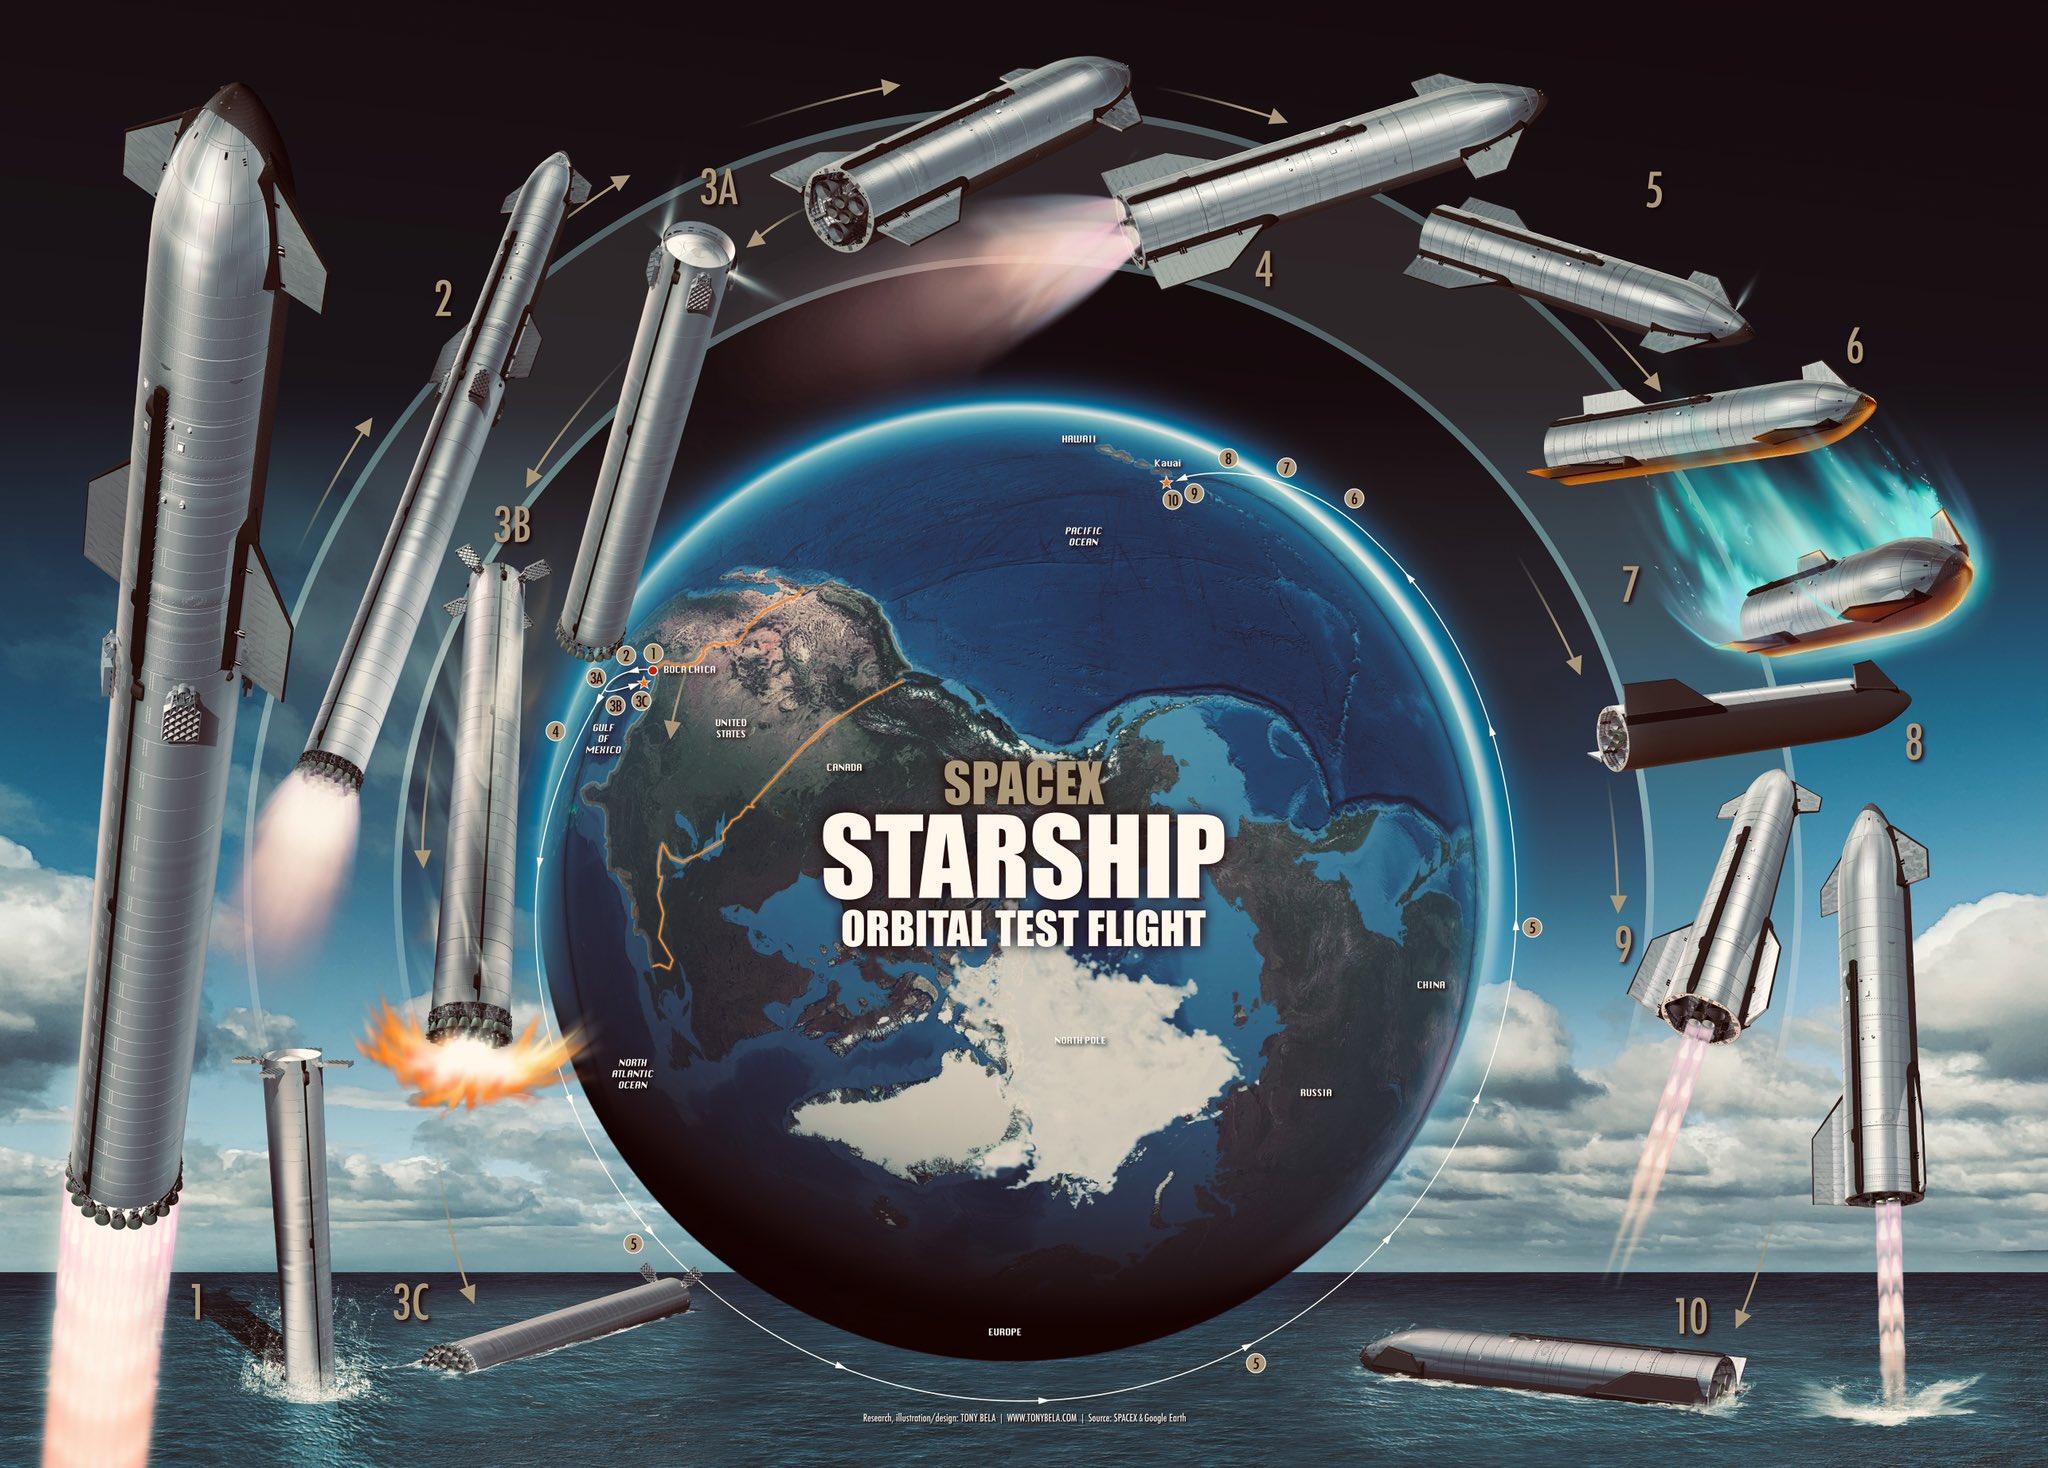 Starship (B4 + S20) - 1er vol orbital - BC (Starbase) - NET Août 2021 - Page 8 12009